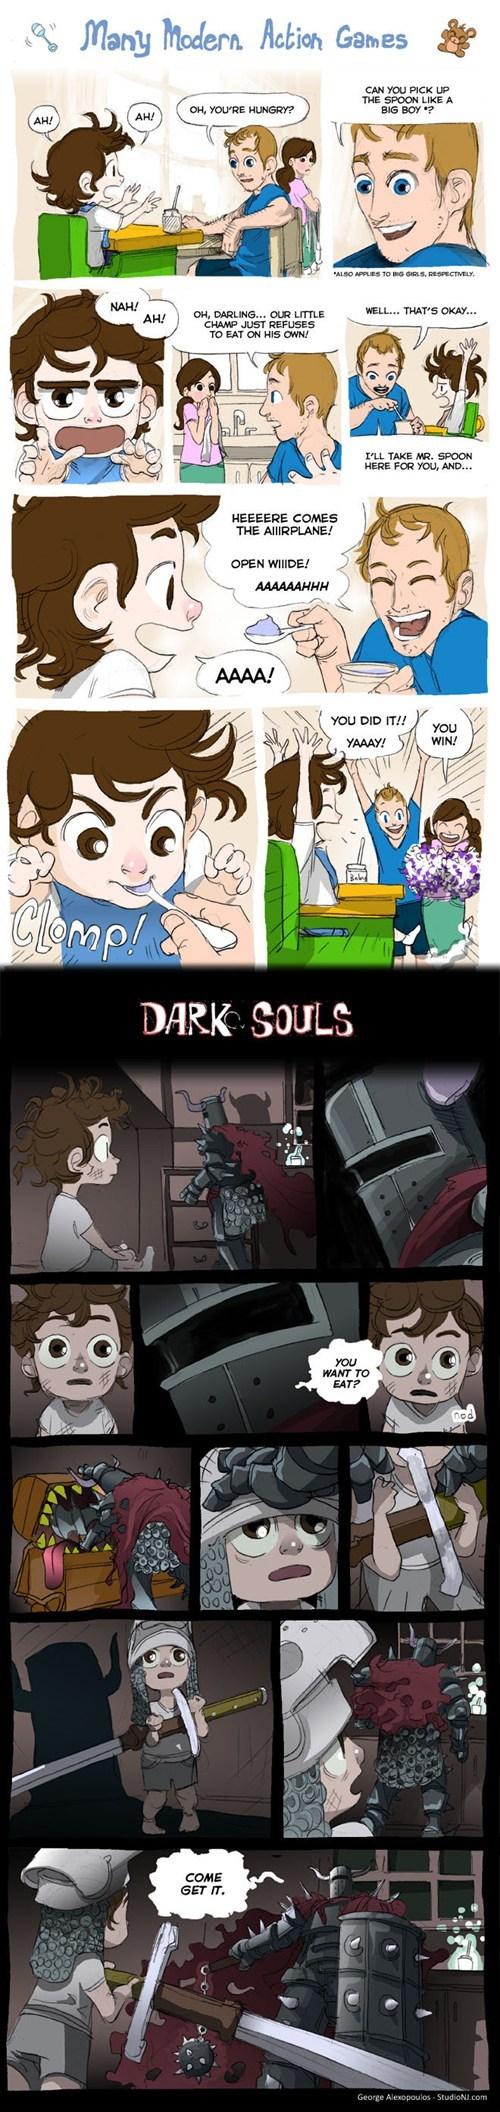 comics dark souls web comics - 7768608256